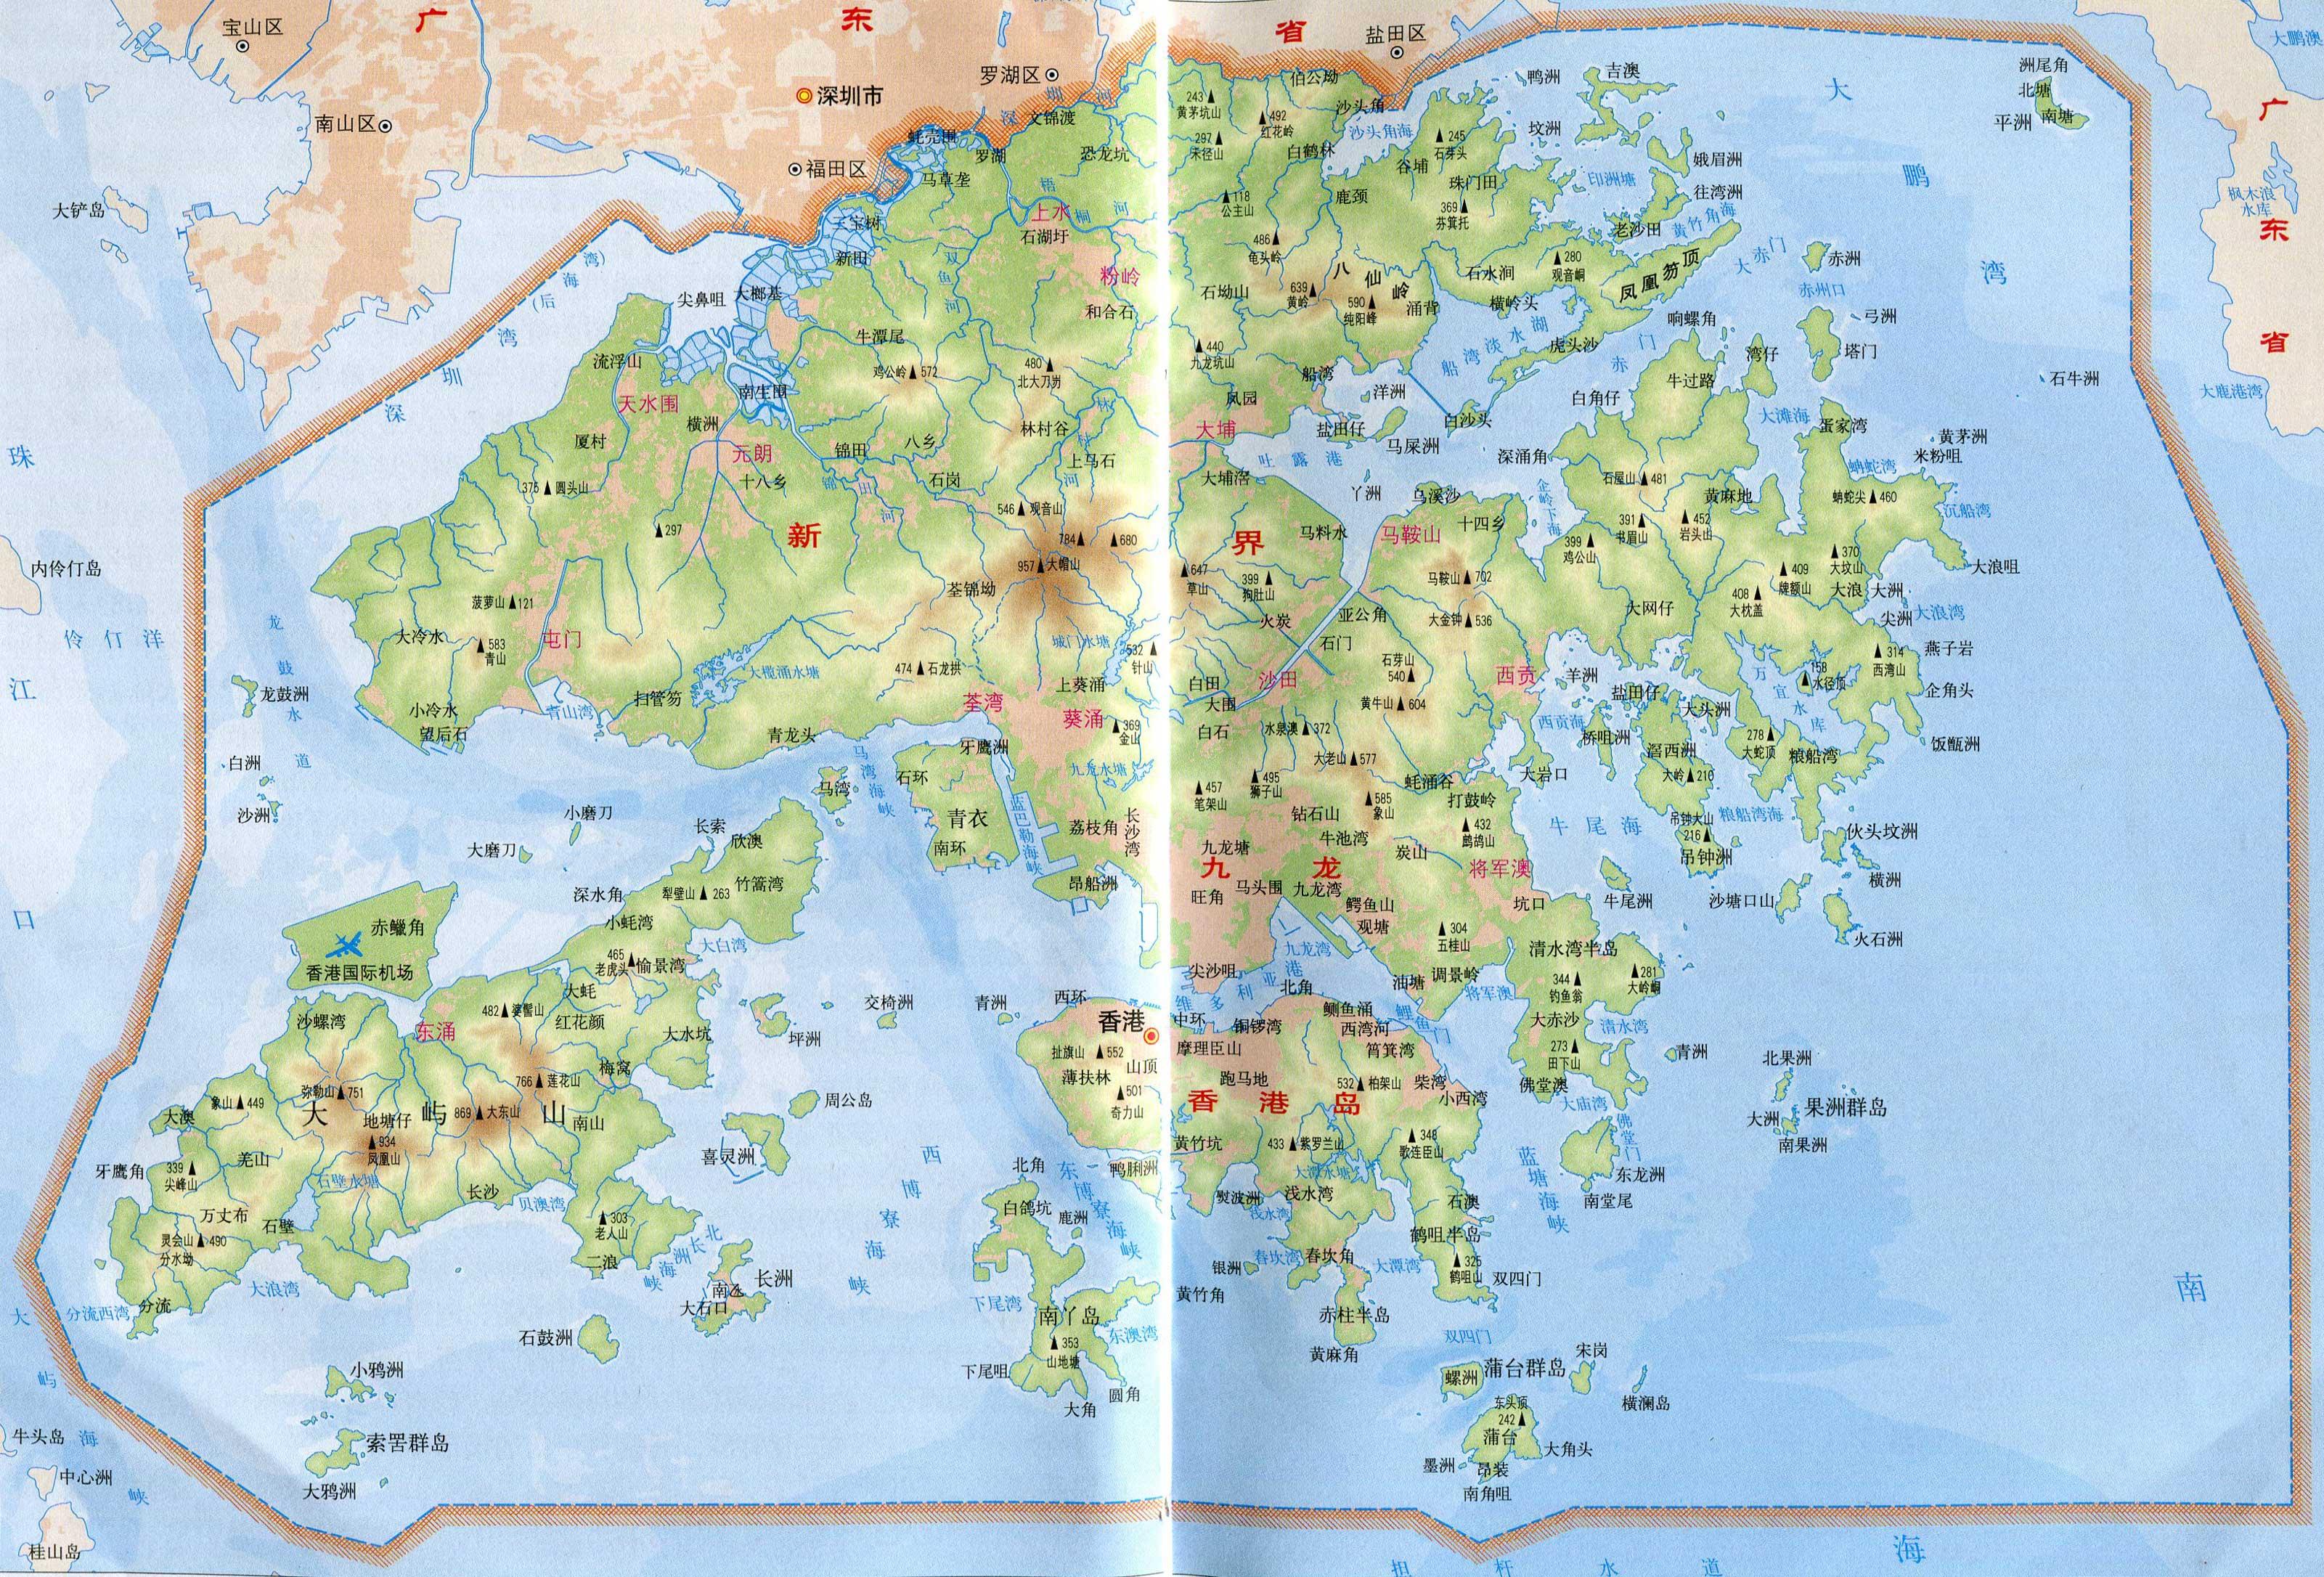 香港地图_香港地图全图_香港地图查询